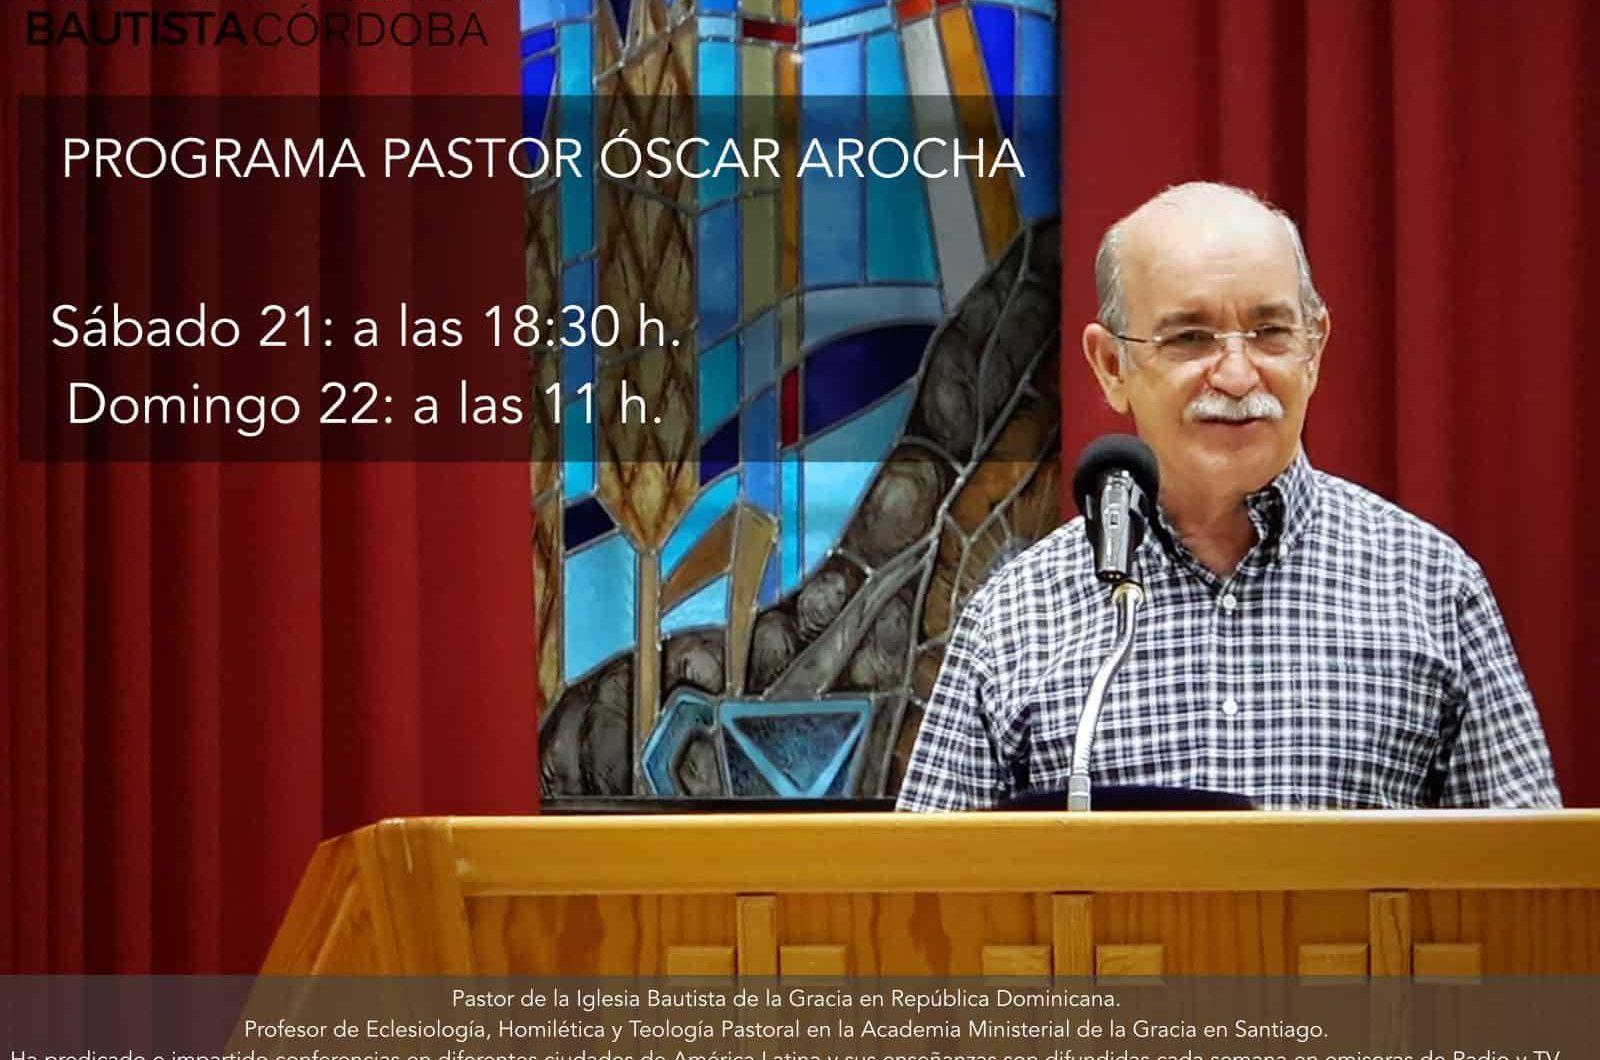 PASTOR ÓSCAR AROCHA